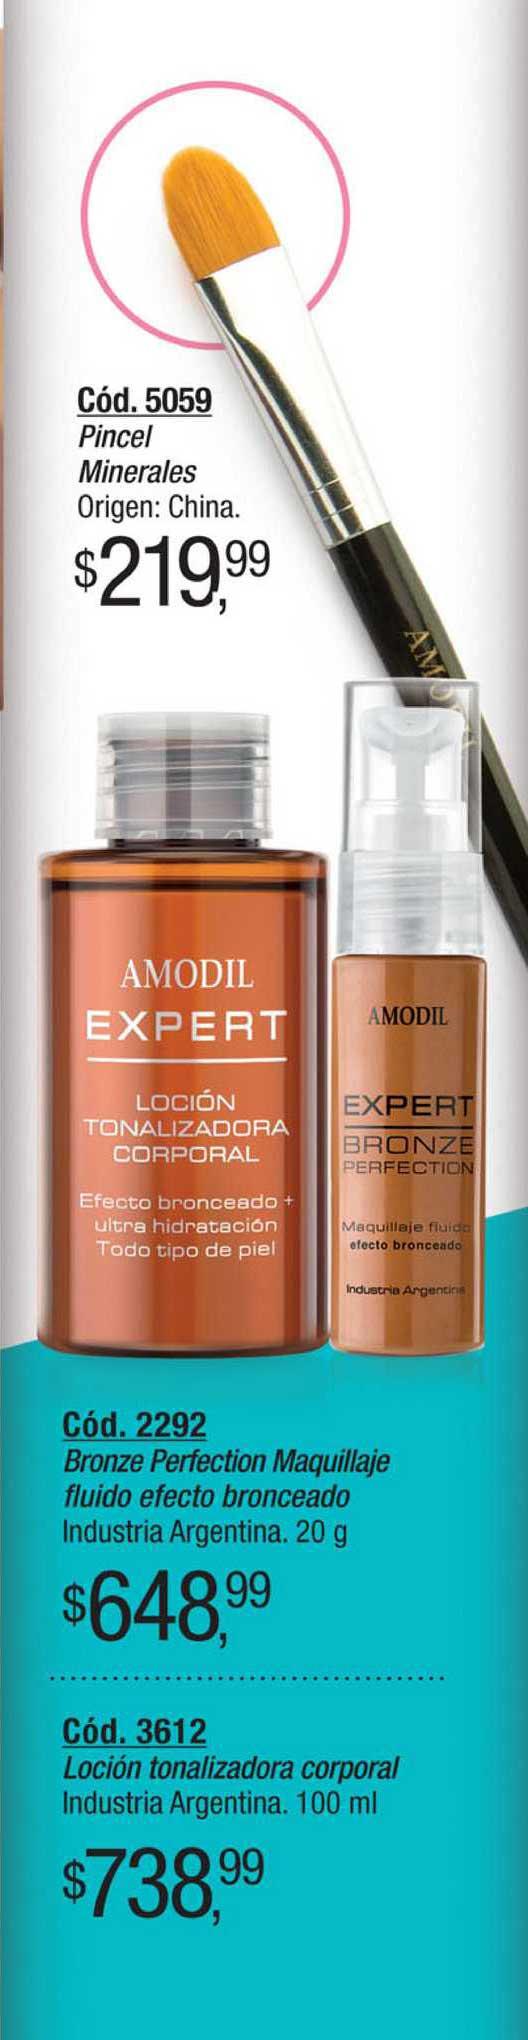 Amodil Bronze Perfection Maquillaje Industria Argentina Fluido Efecto Bronceado Industria Argentina Loción Tonalizadora Corporal Industria Argentina